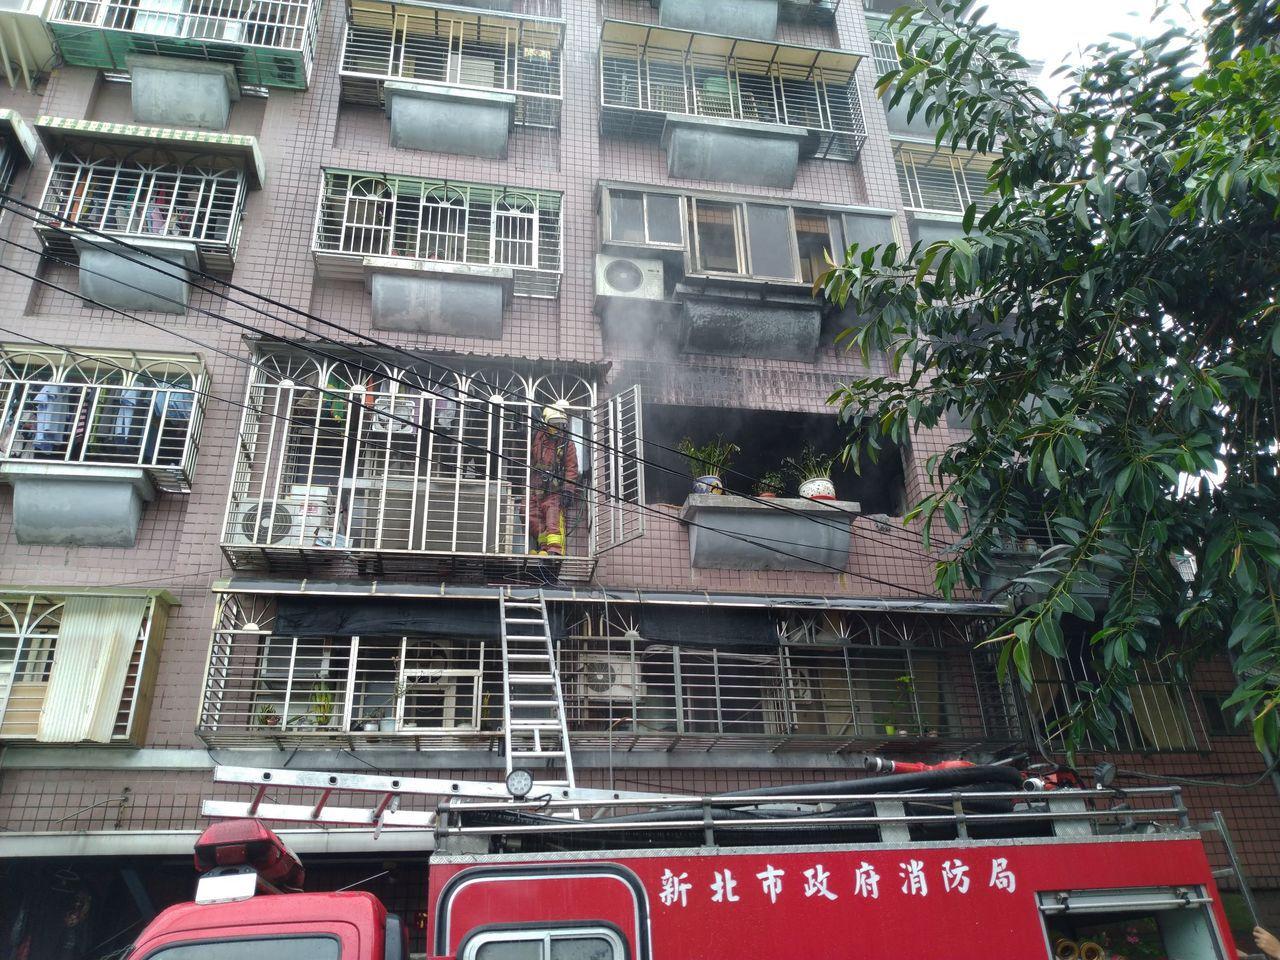 新北巿板橋區南雅西路二段一處公寓2樓起火。圖/新北巿消防局提供